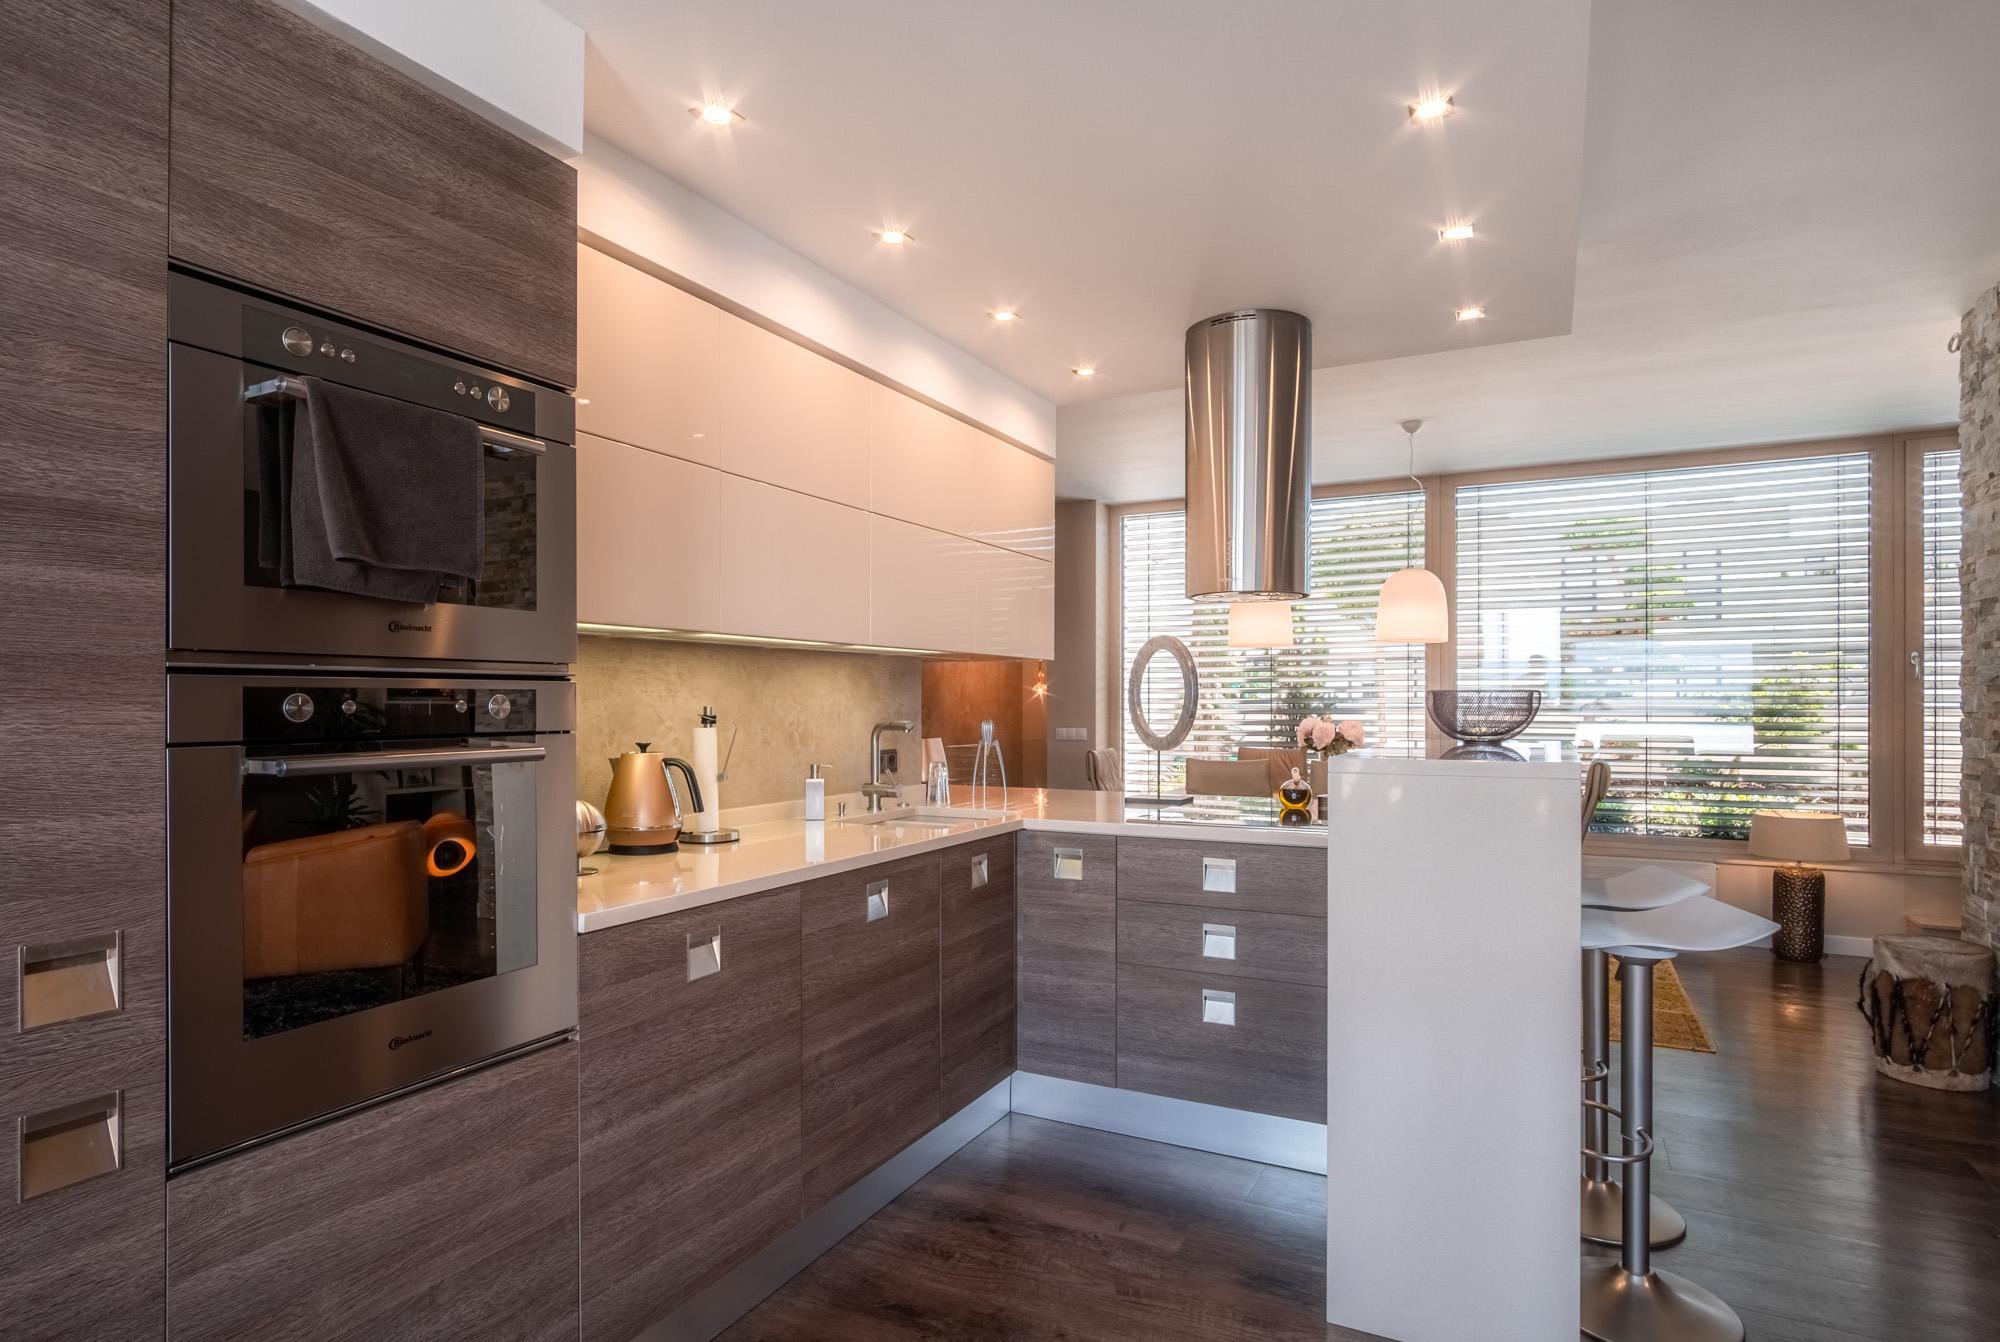 Designový interiér z DECOLANDU | Luxusní kuchyně